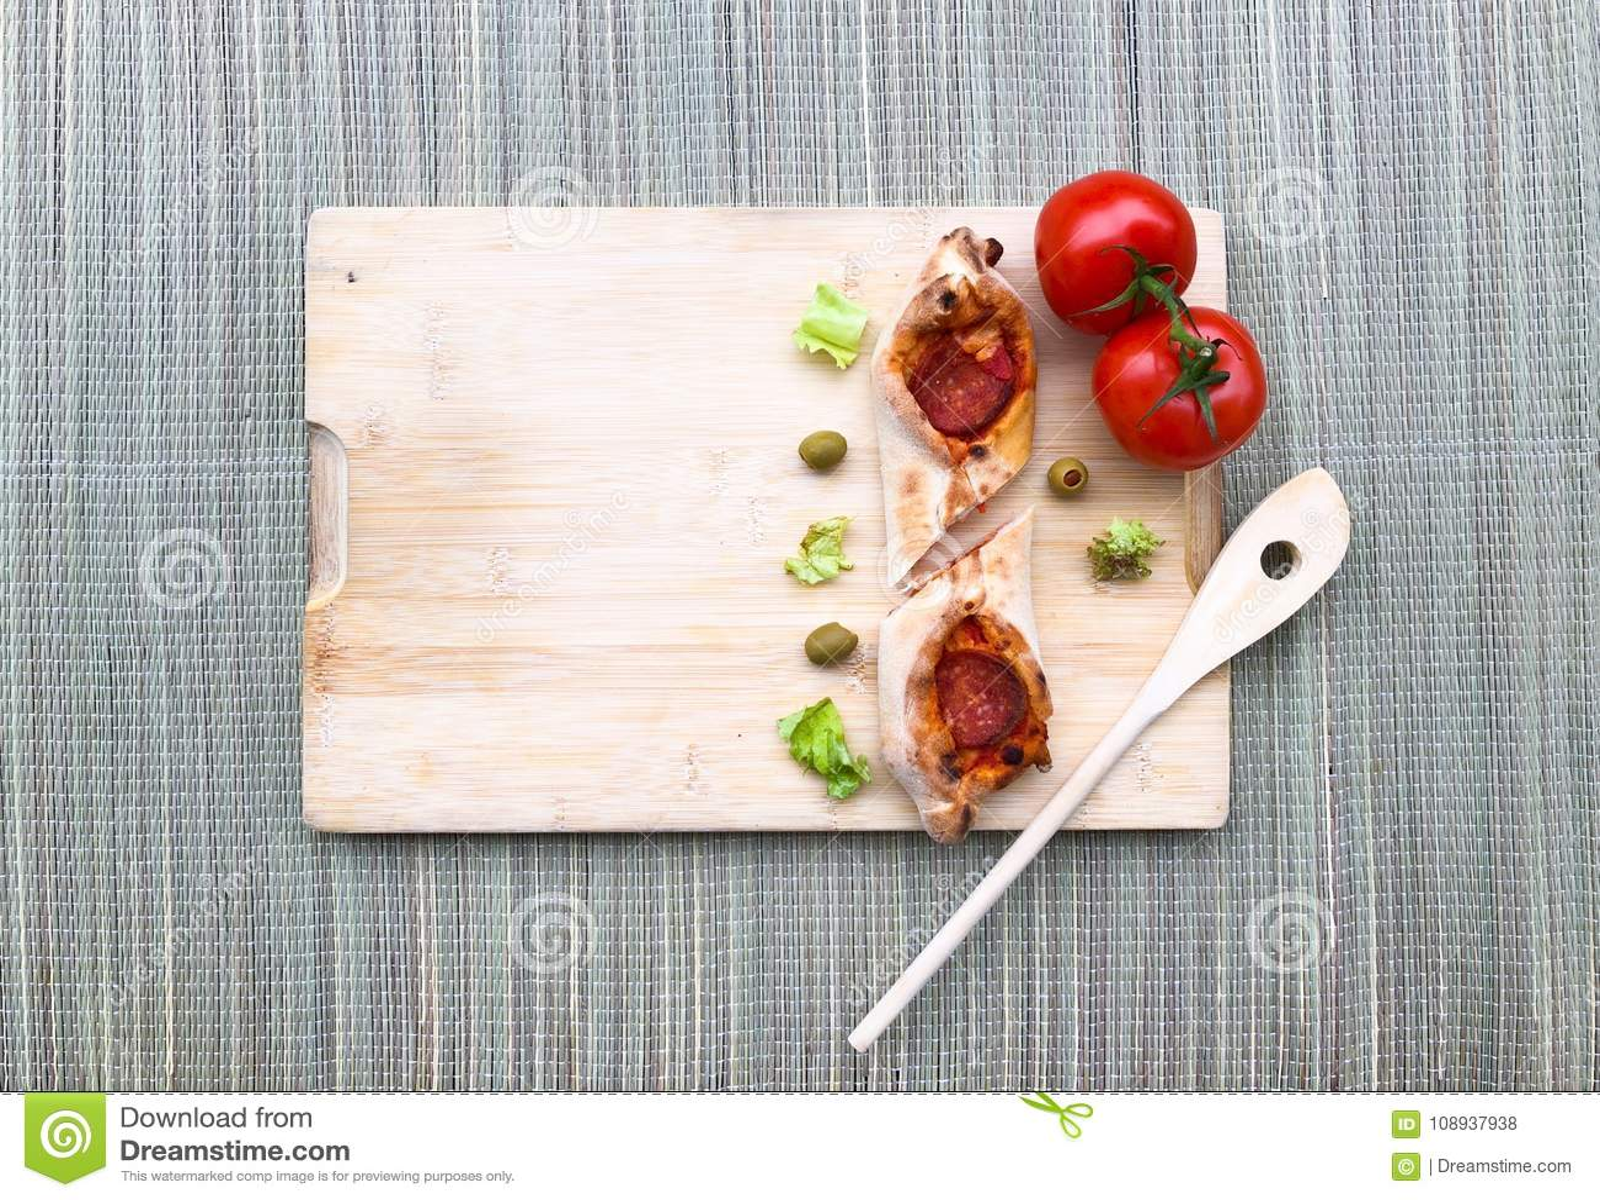 Mini Pizza 2 tomatoolive frische selbst gemachte mit Pepperonis Käse, Tomaten, grün auf hölzernem bambus Hintergrund mit Kopienra